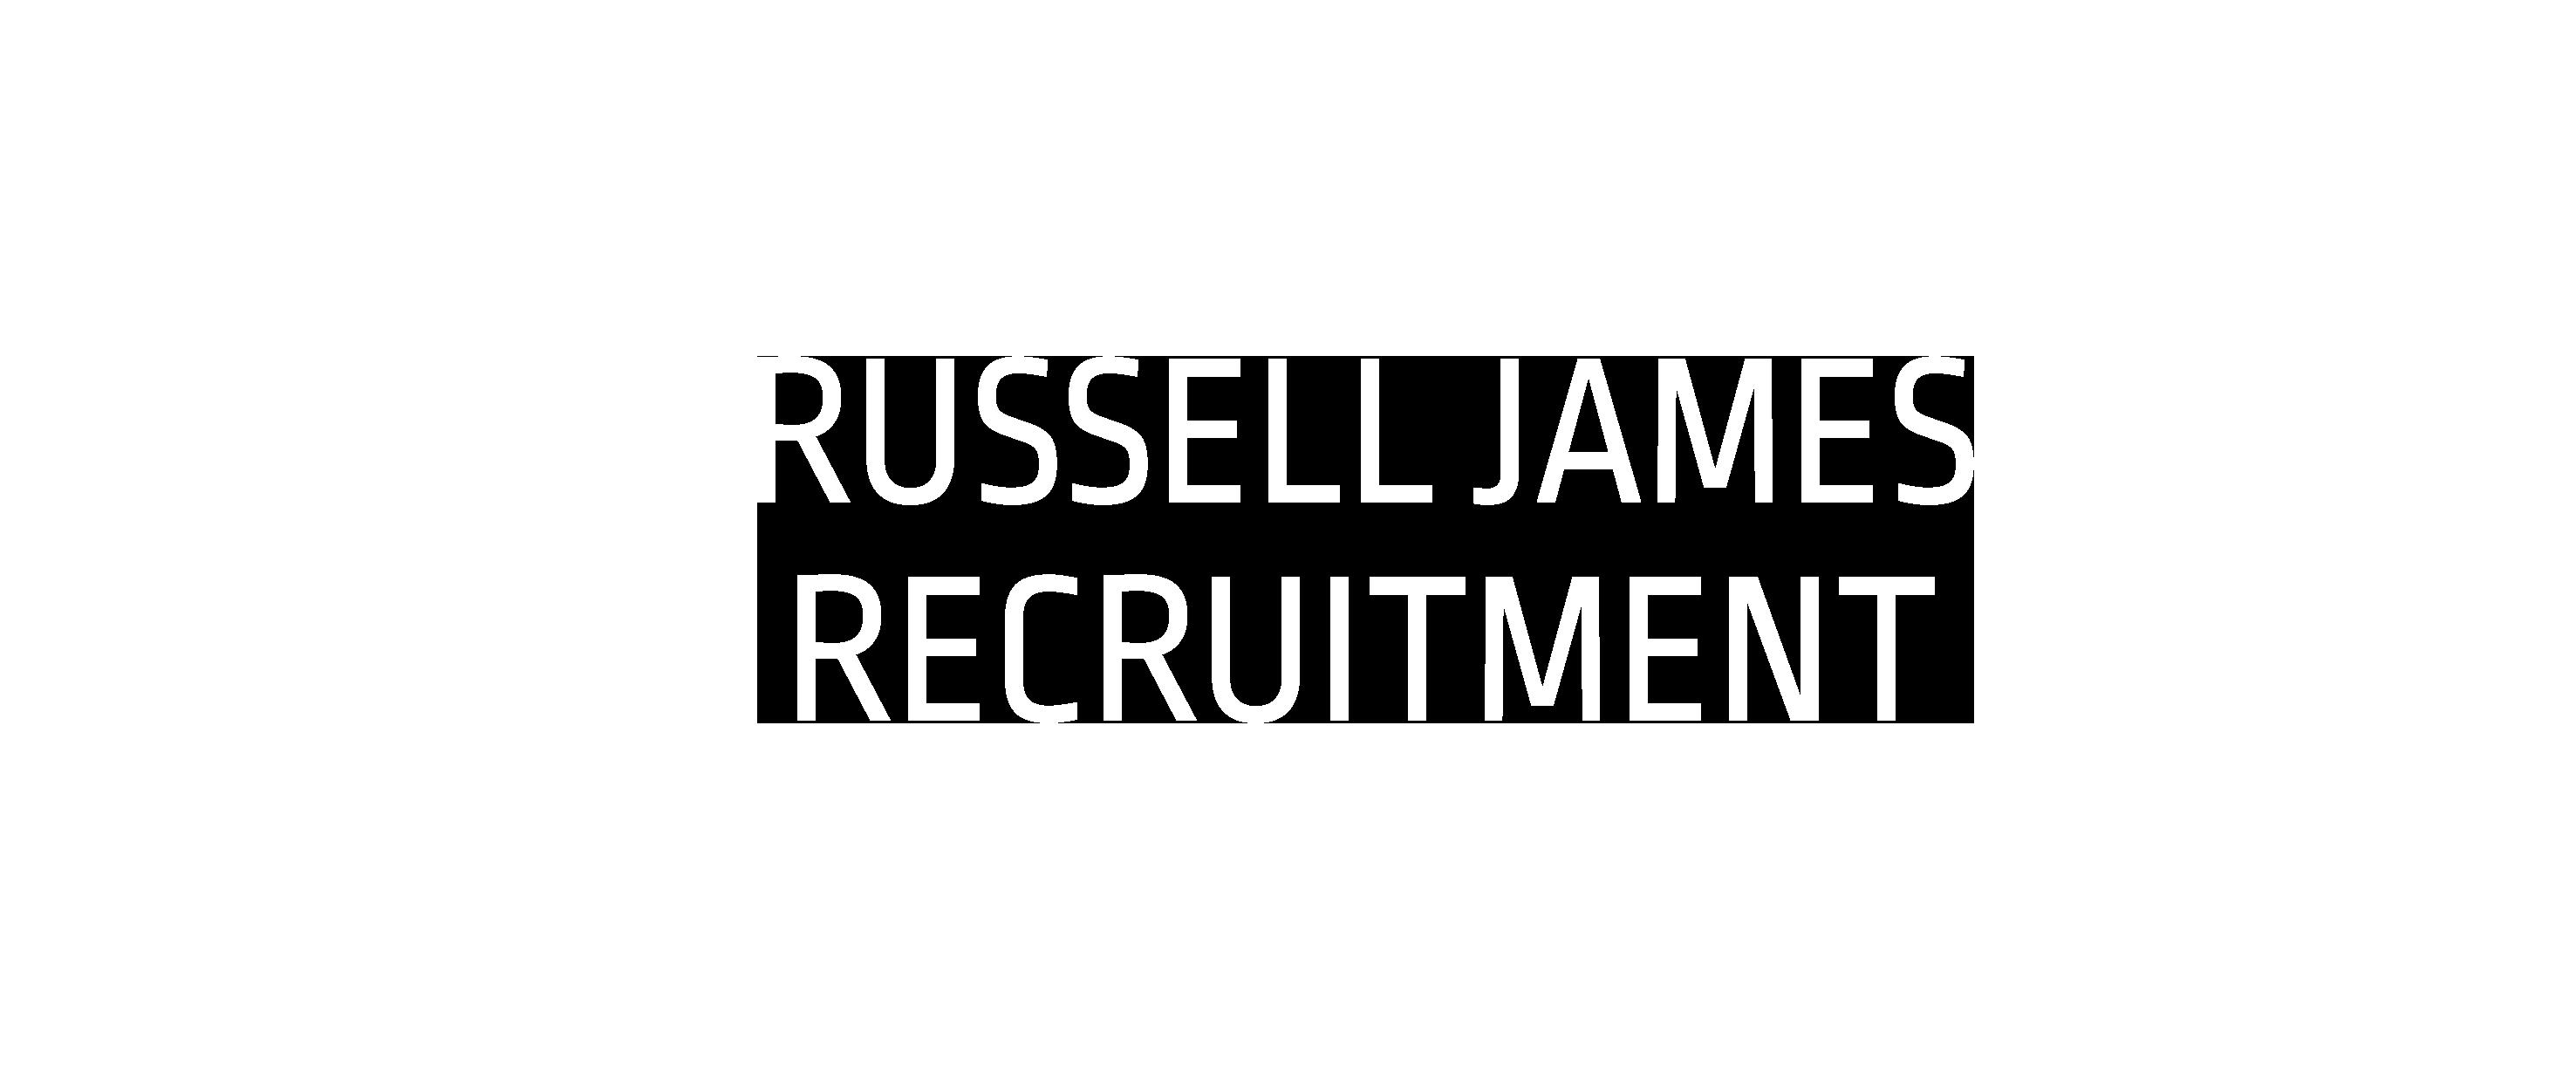 Russell James Recruitment